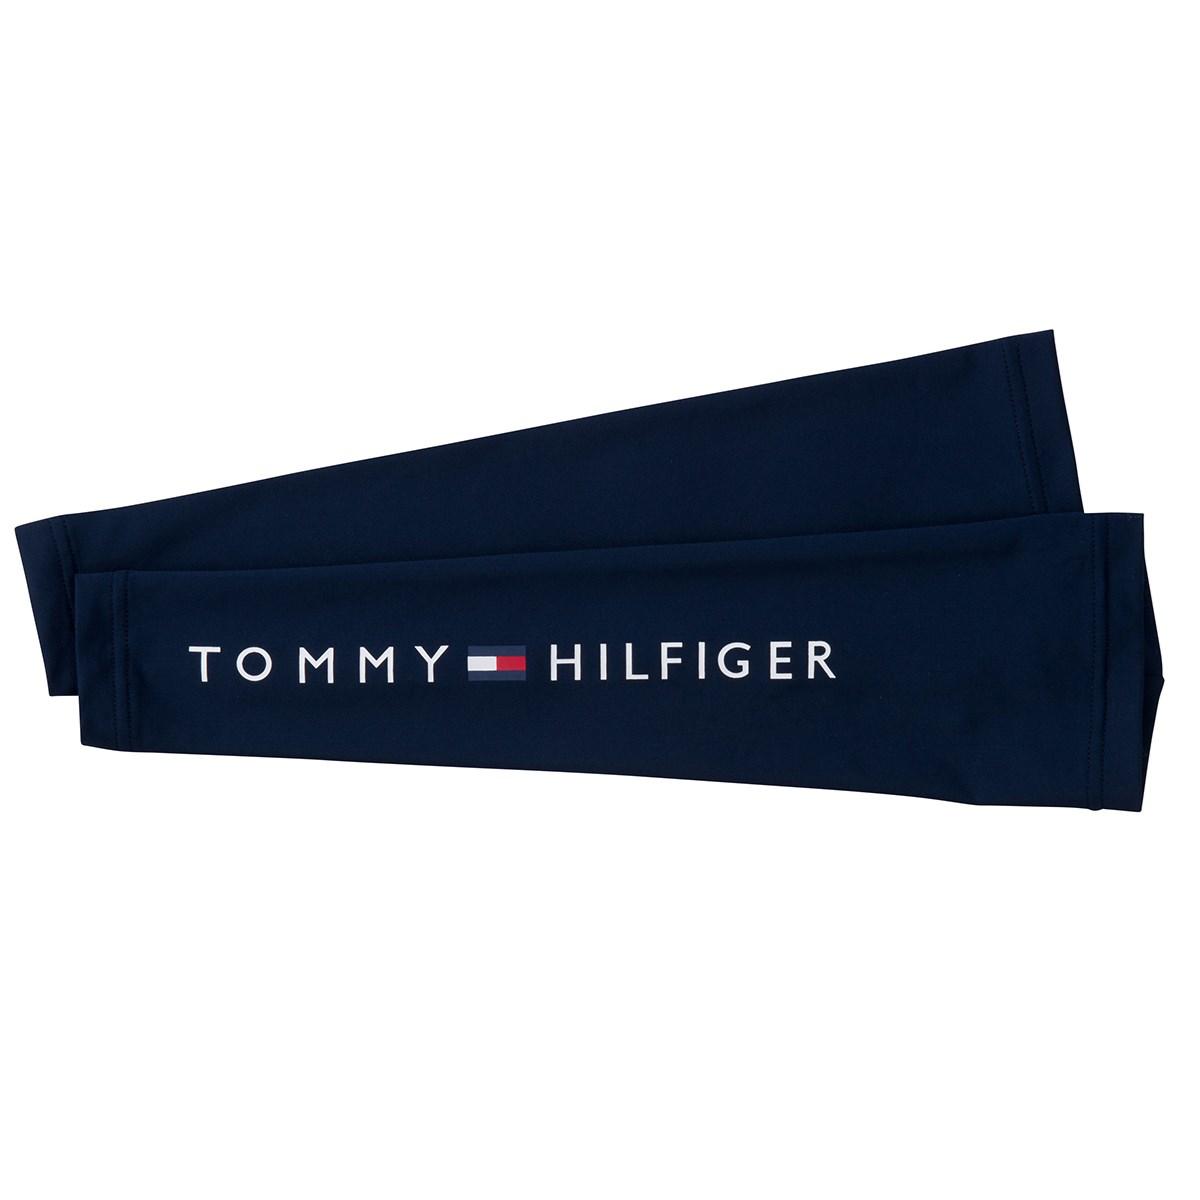 トミー ヒルフィガー ゴルフ TOMMY HILFIGER GOLF サンガード ネイビー 30